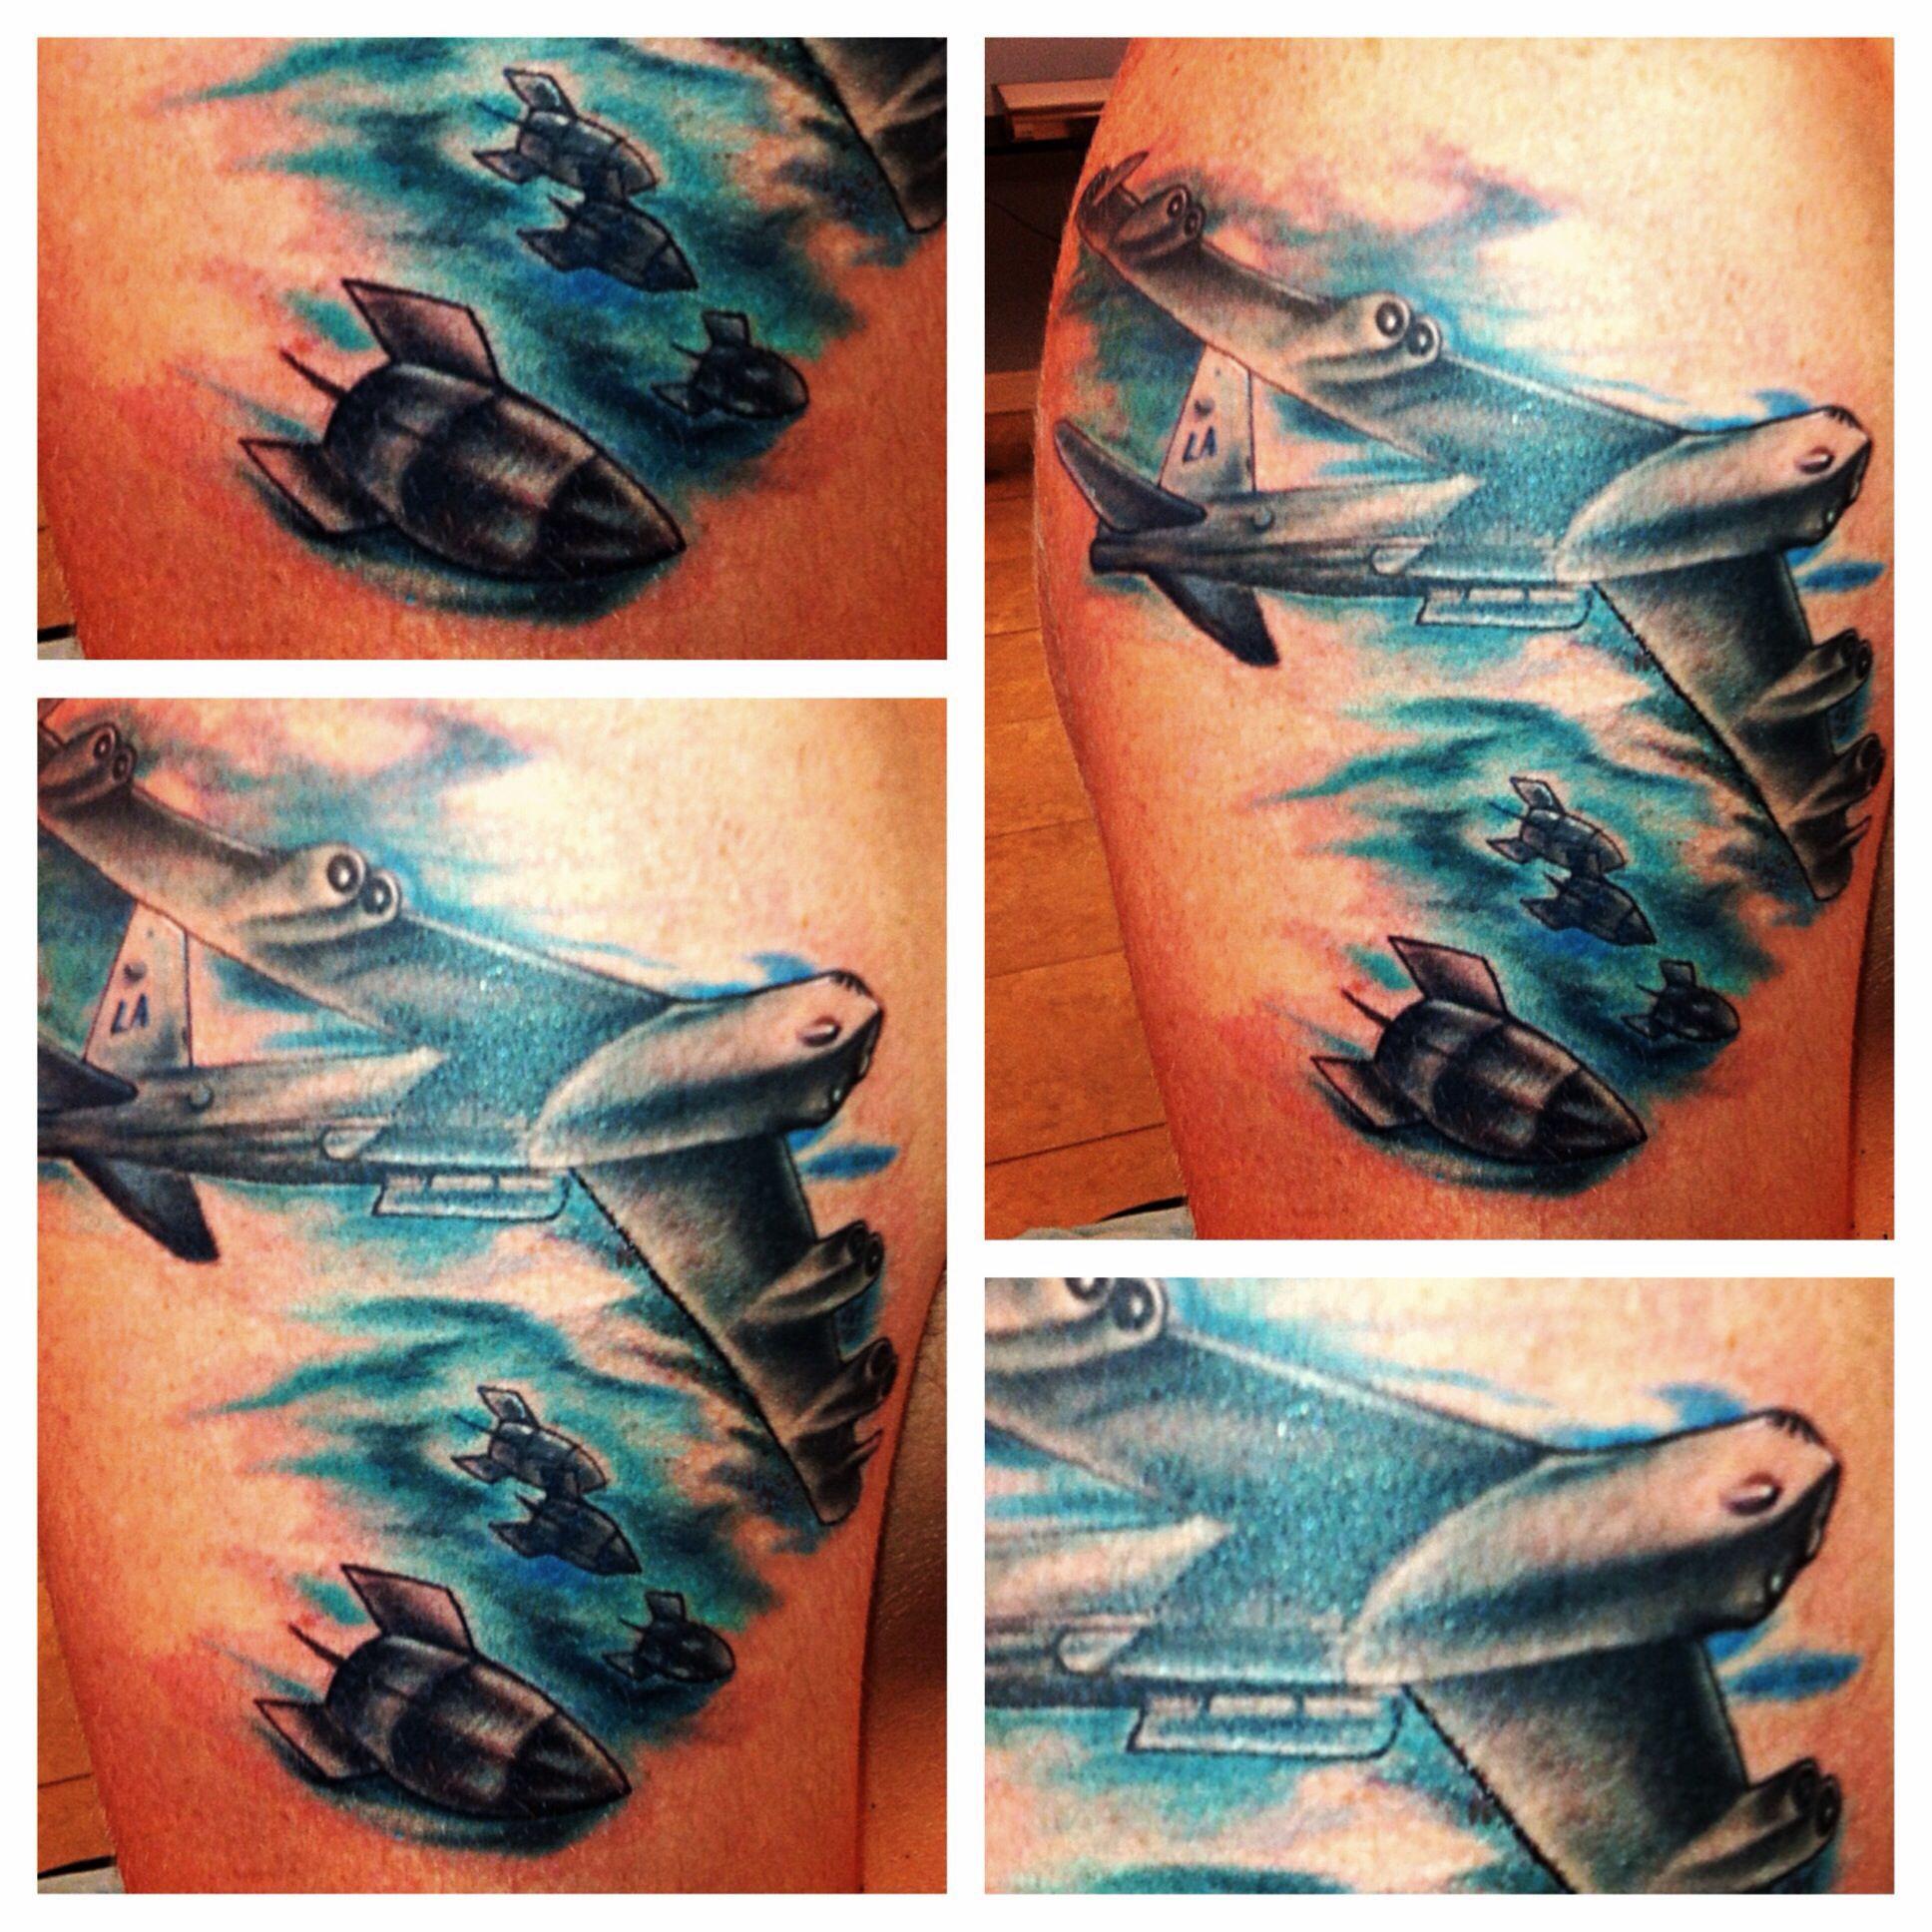 B 52 Bomber Tattoo Done By Tattooedrob Prez Facebook Robdprez Instagram Art Tattoo Tattoos Watercolor Tattoo